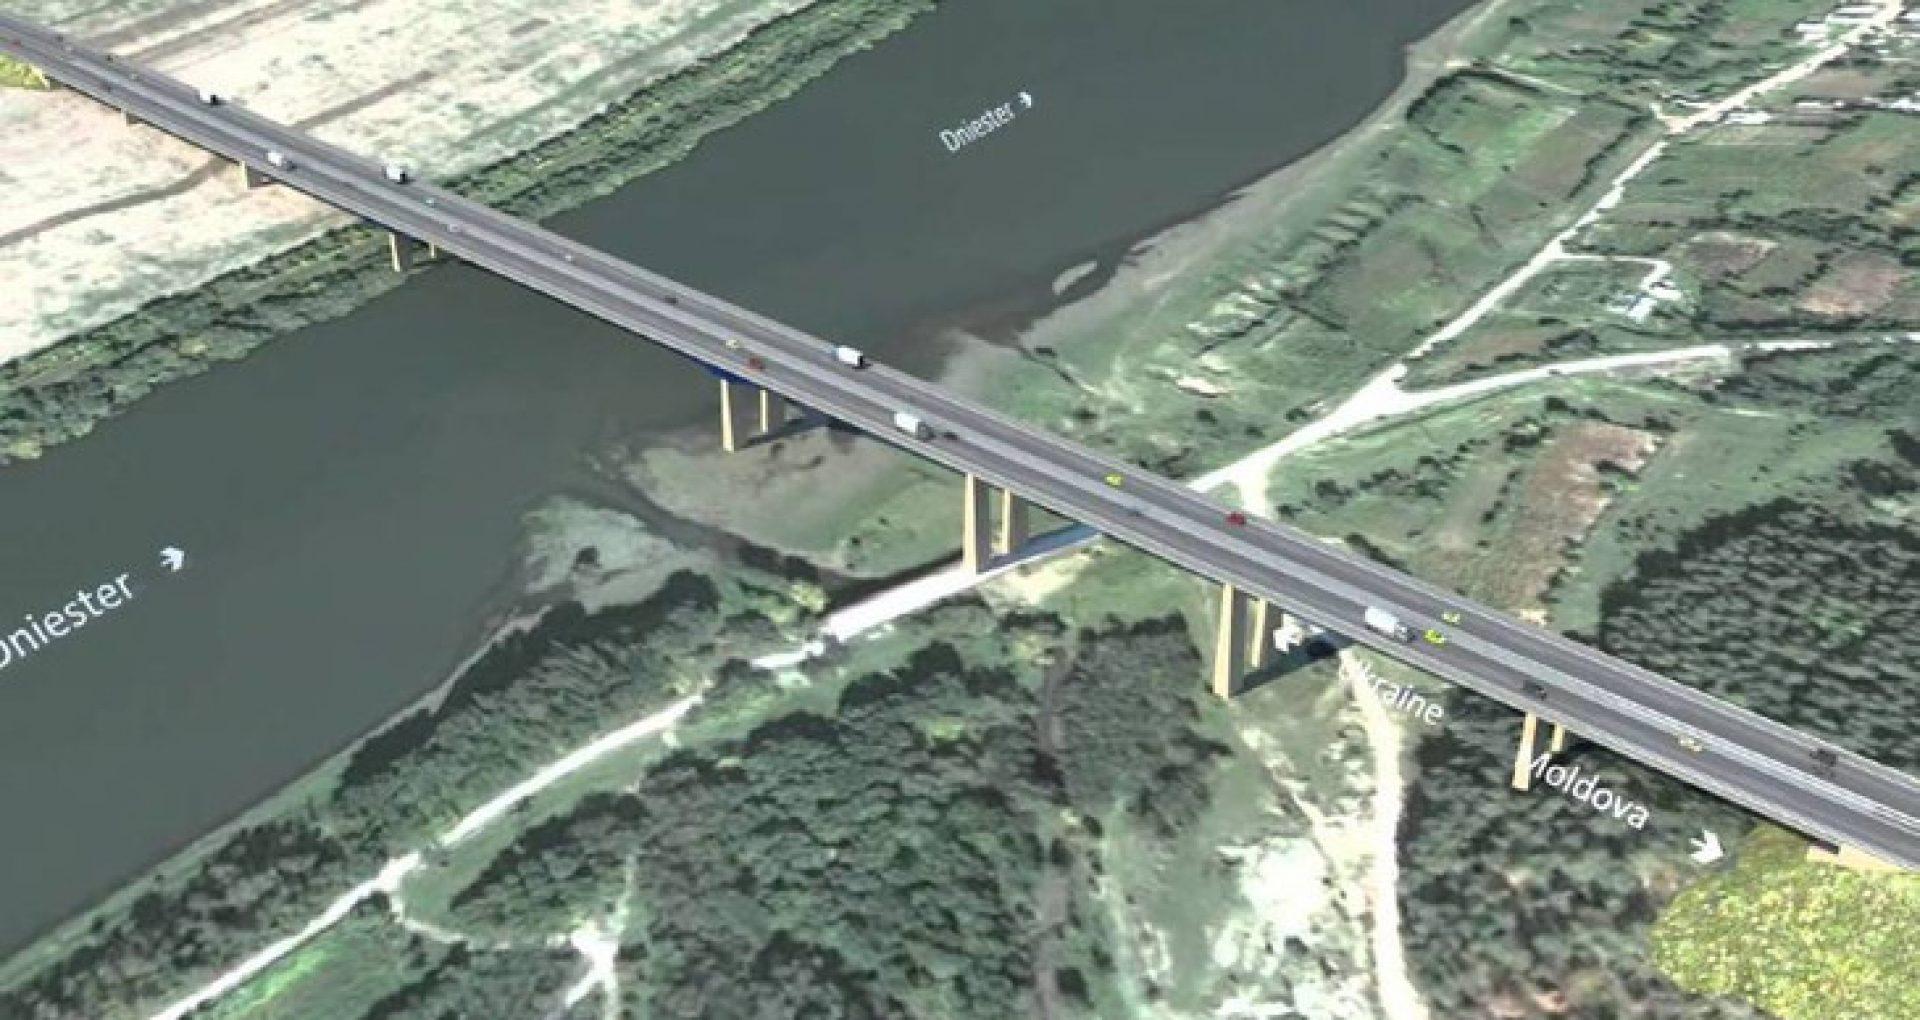 Ucraina a început construcția autostrăzii moderne care va lega Kievul de Chișinău, anunță Biroul președintelui Ucrainei